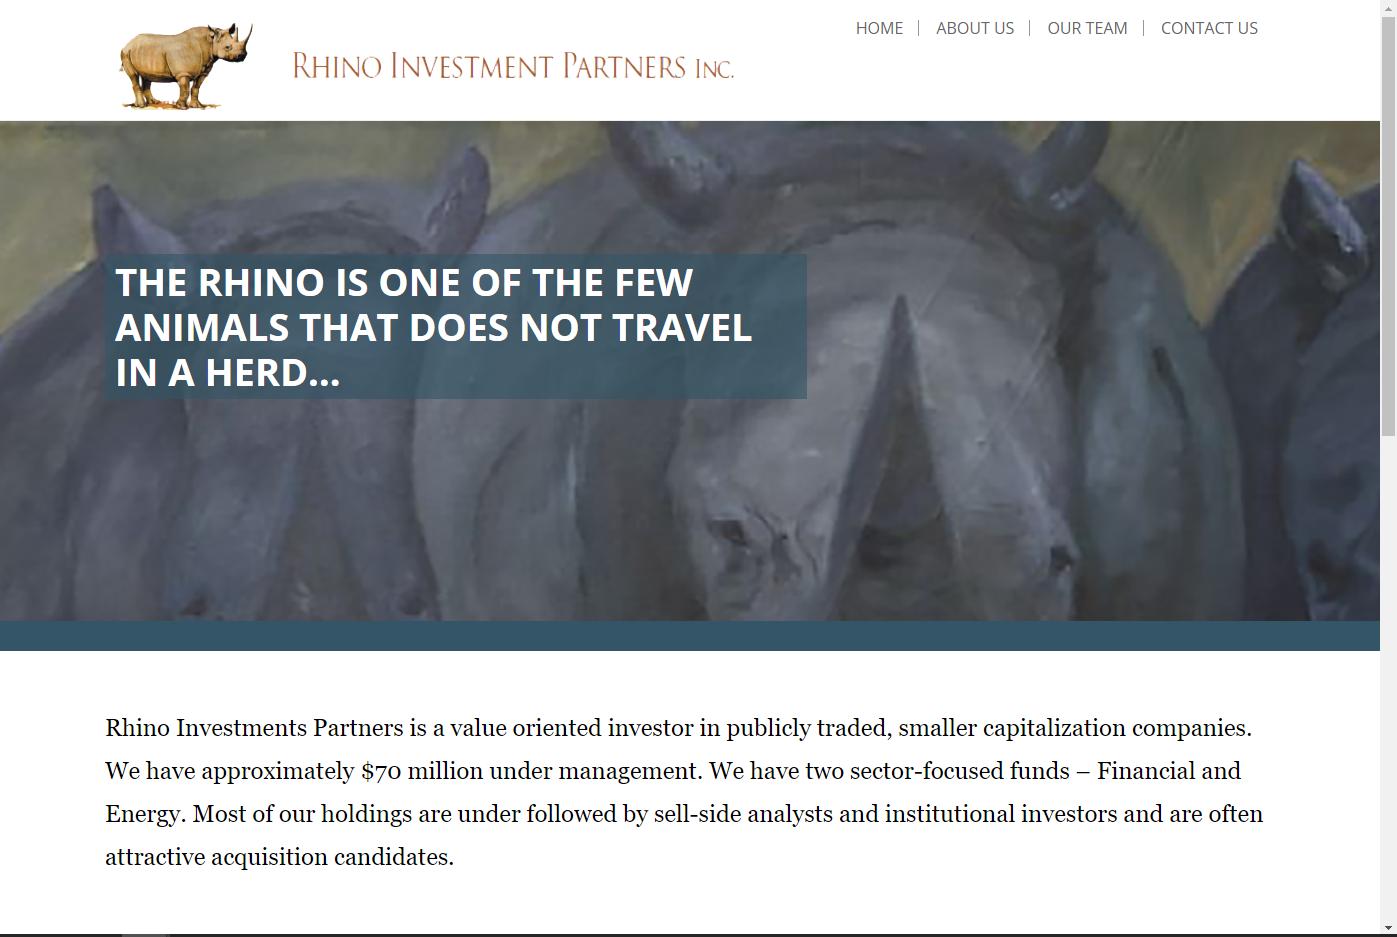 Rhino Investment Partners